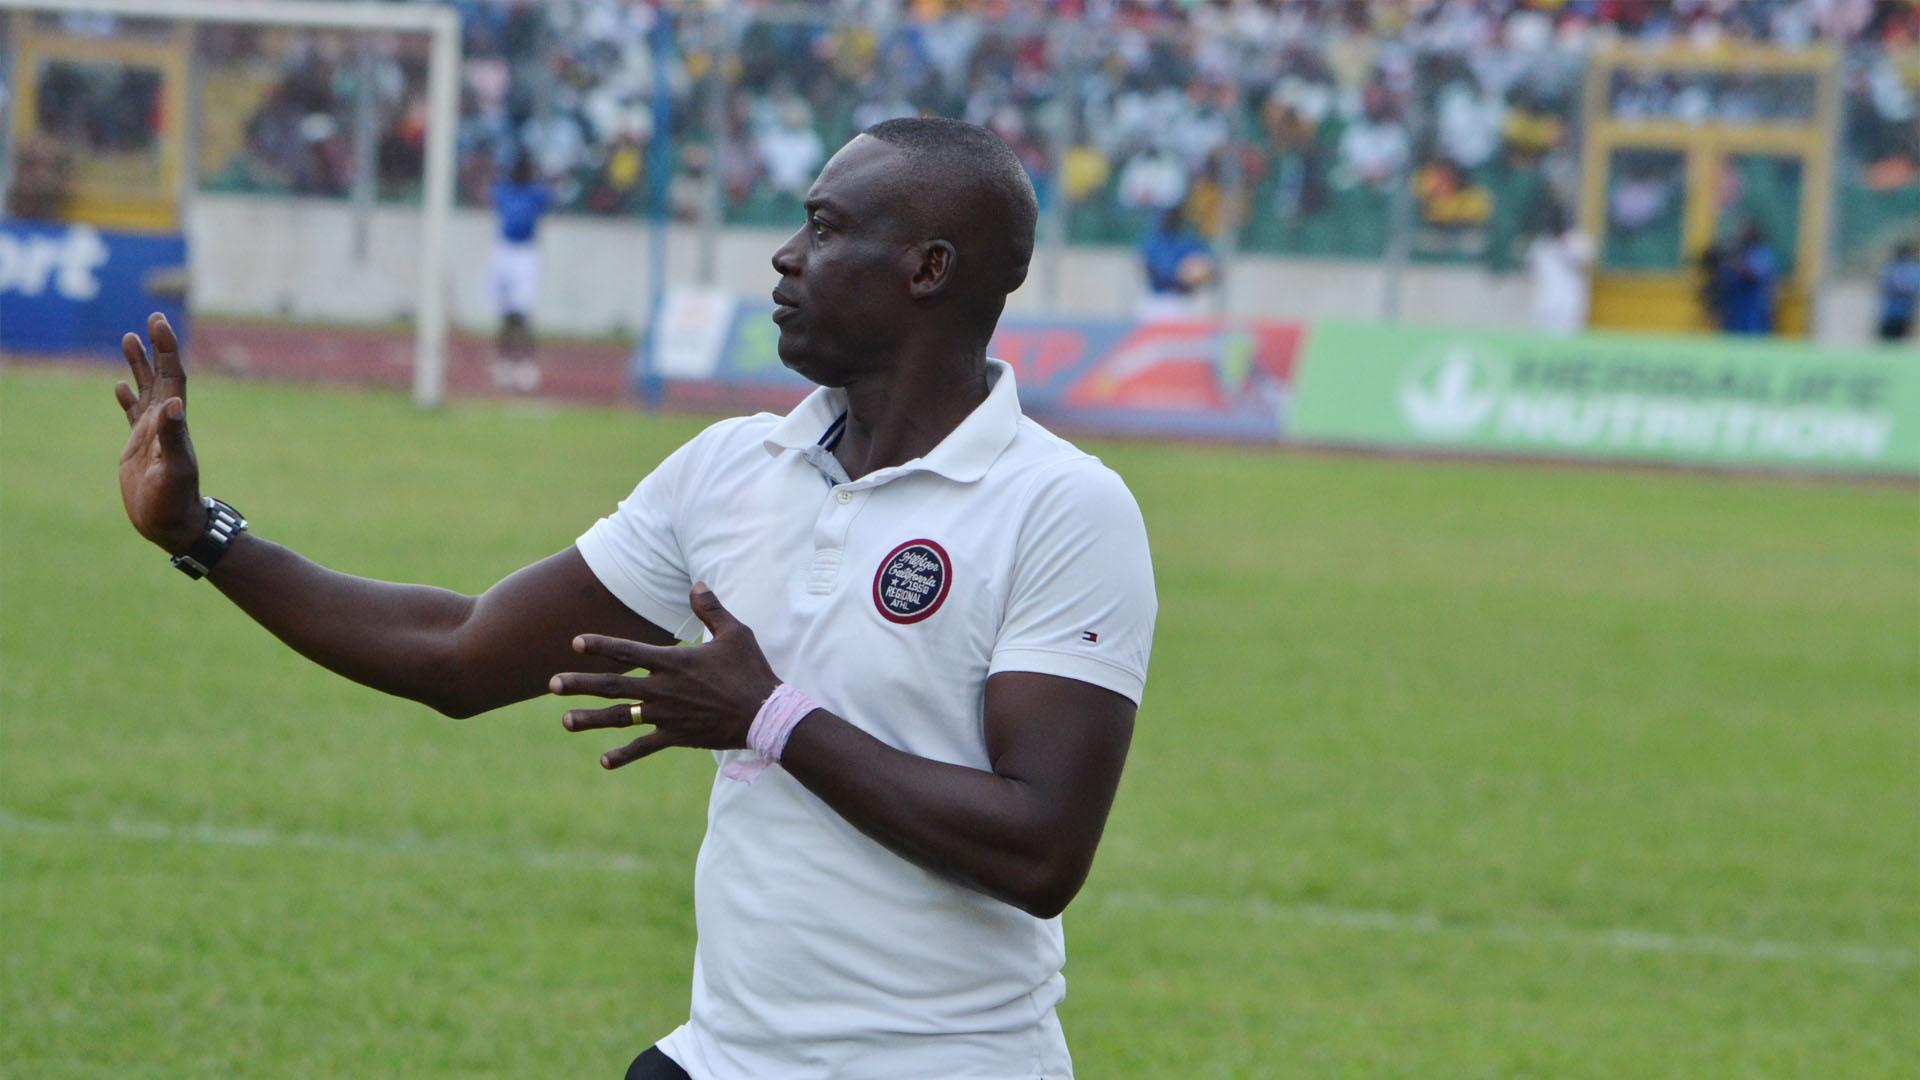 U23 Afcon: Ghana increasing training intensity ahead of Algeria showdown